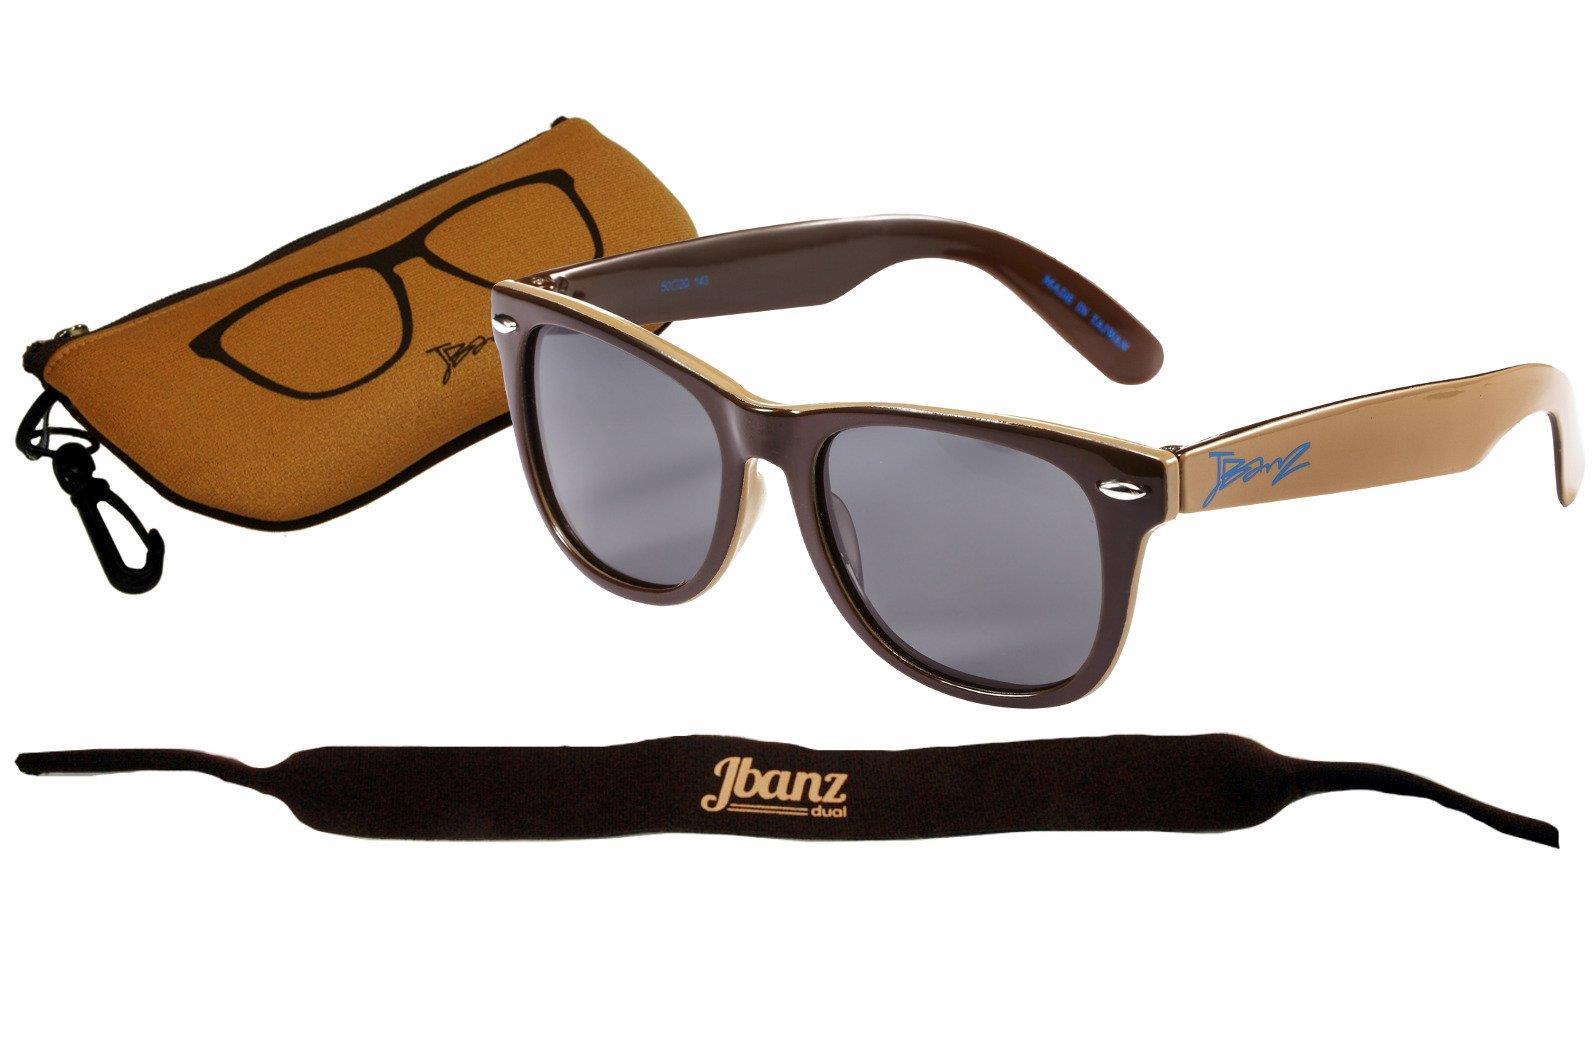 Okulary Przeciwsłoneczne Dzieci 4 10lat Uv400 Banz Brown Tan Odzież Z Filtrem Uv Okulary Przeciwsłoneczne Dla Dzieci Okulary Przeciwsłoneczne Dla Dzieci 4 10lat